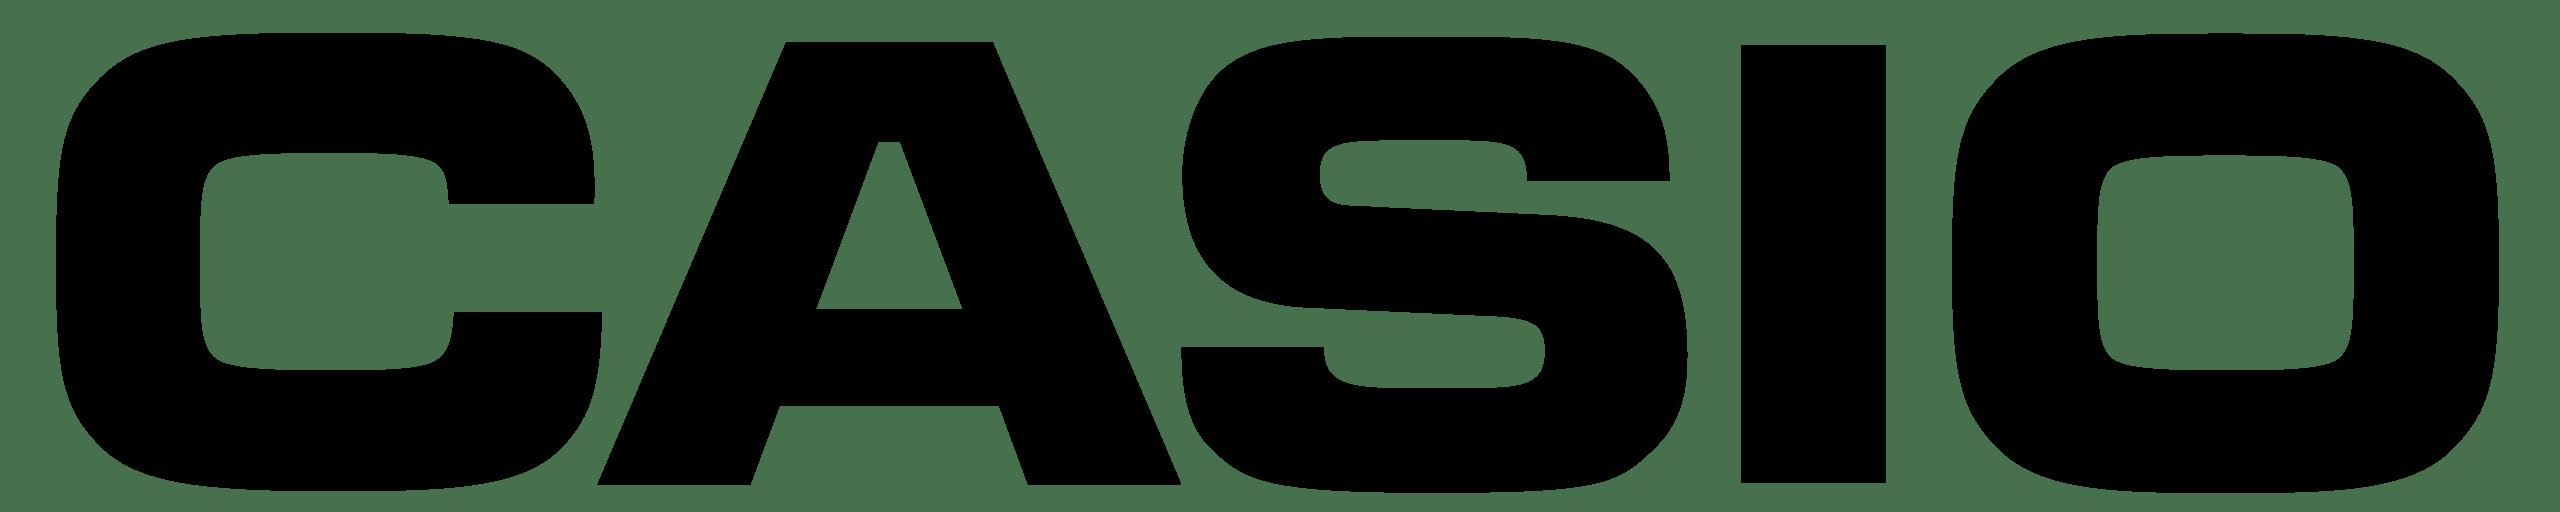 Casio-2